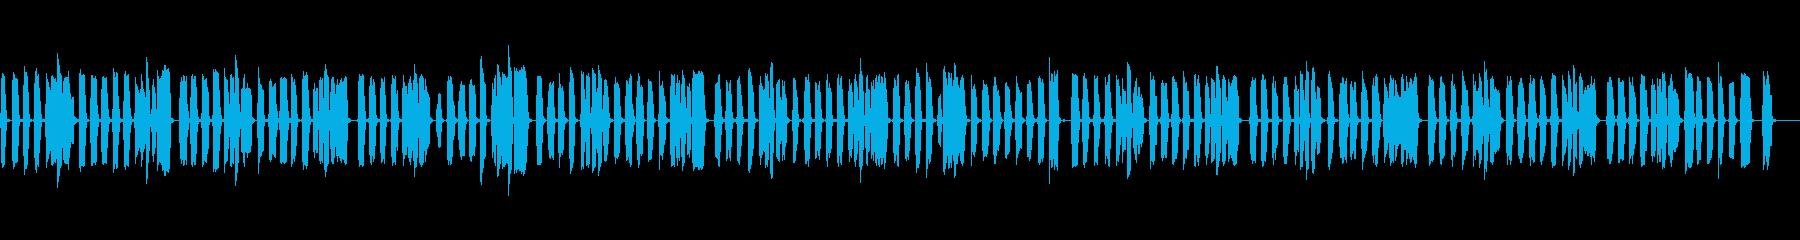 小学生が吹いてるみたいなリコーダーの再生済みの波形